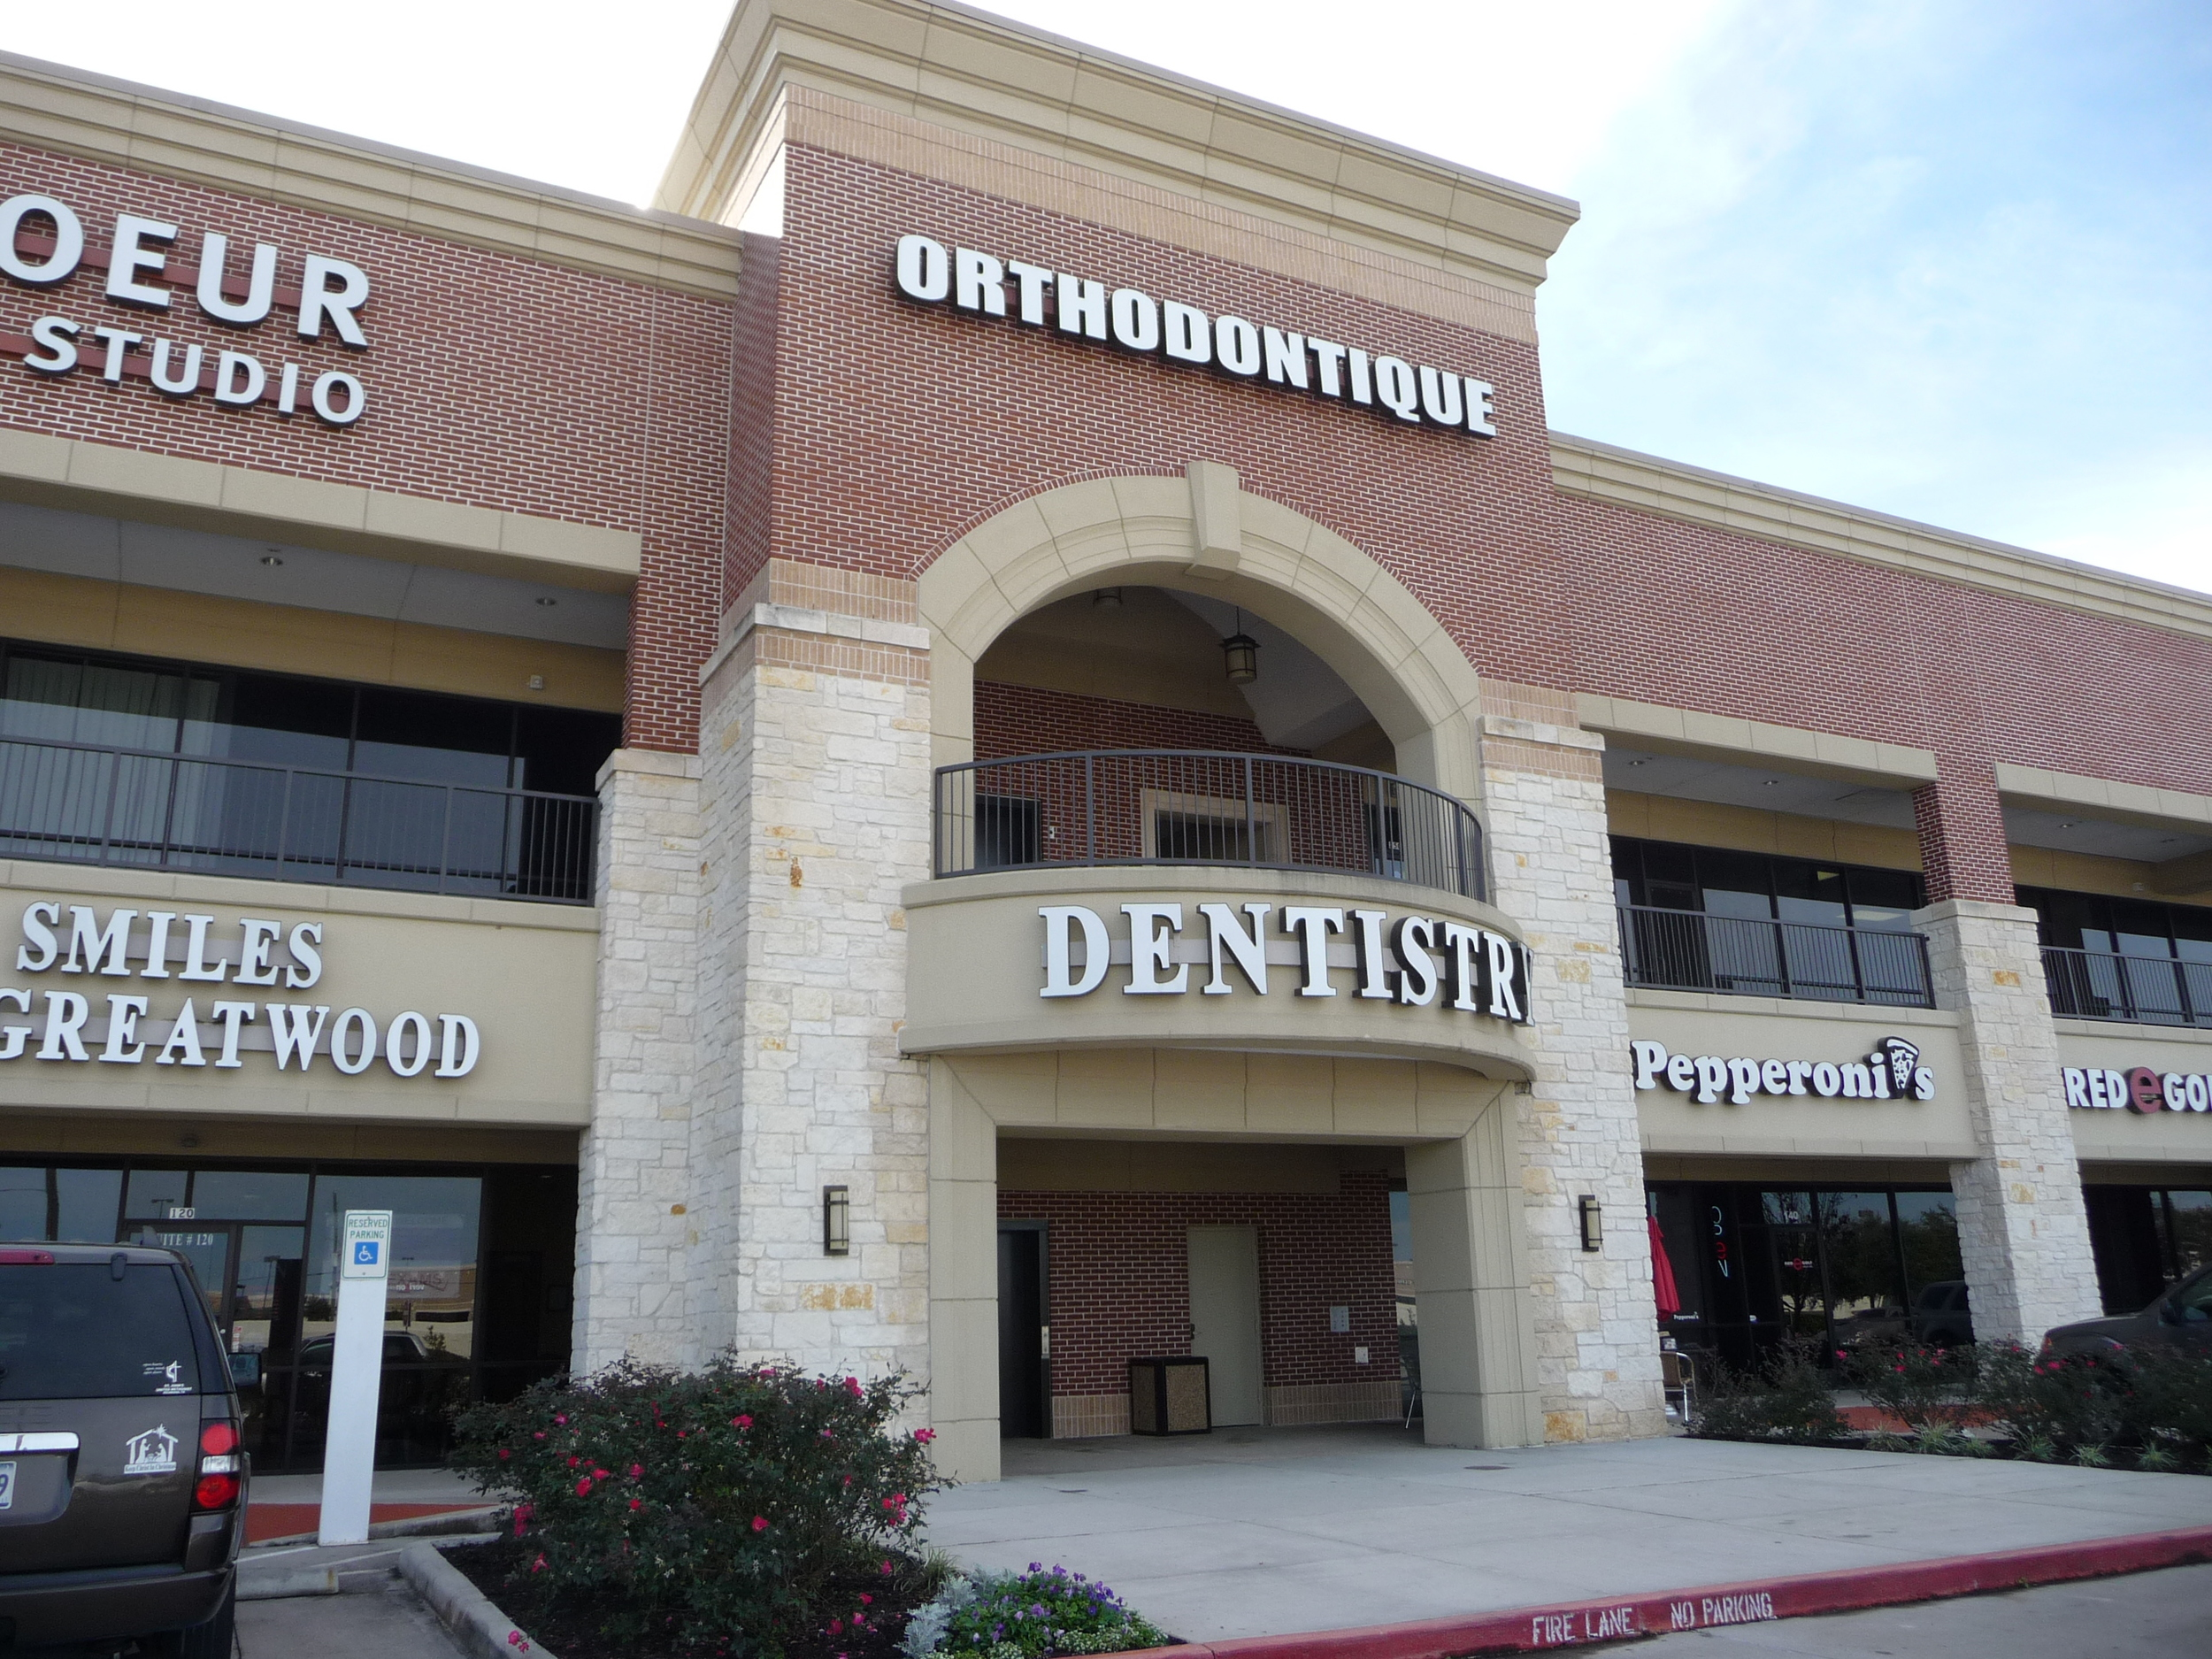 Orthodontique Exterior